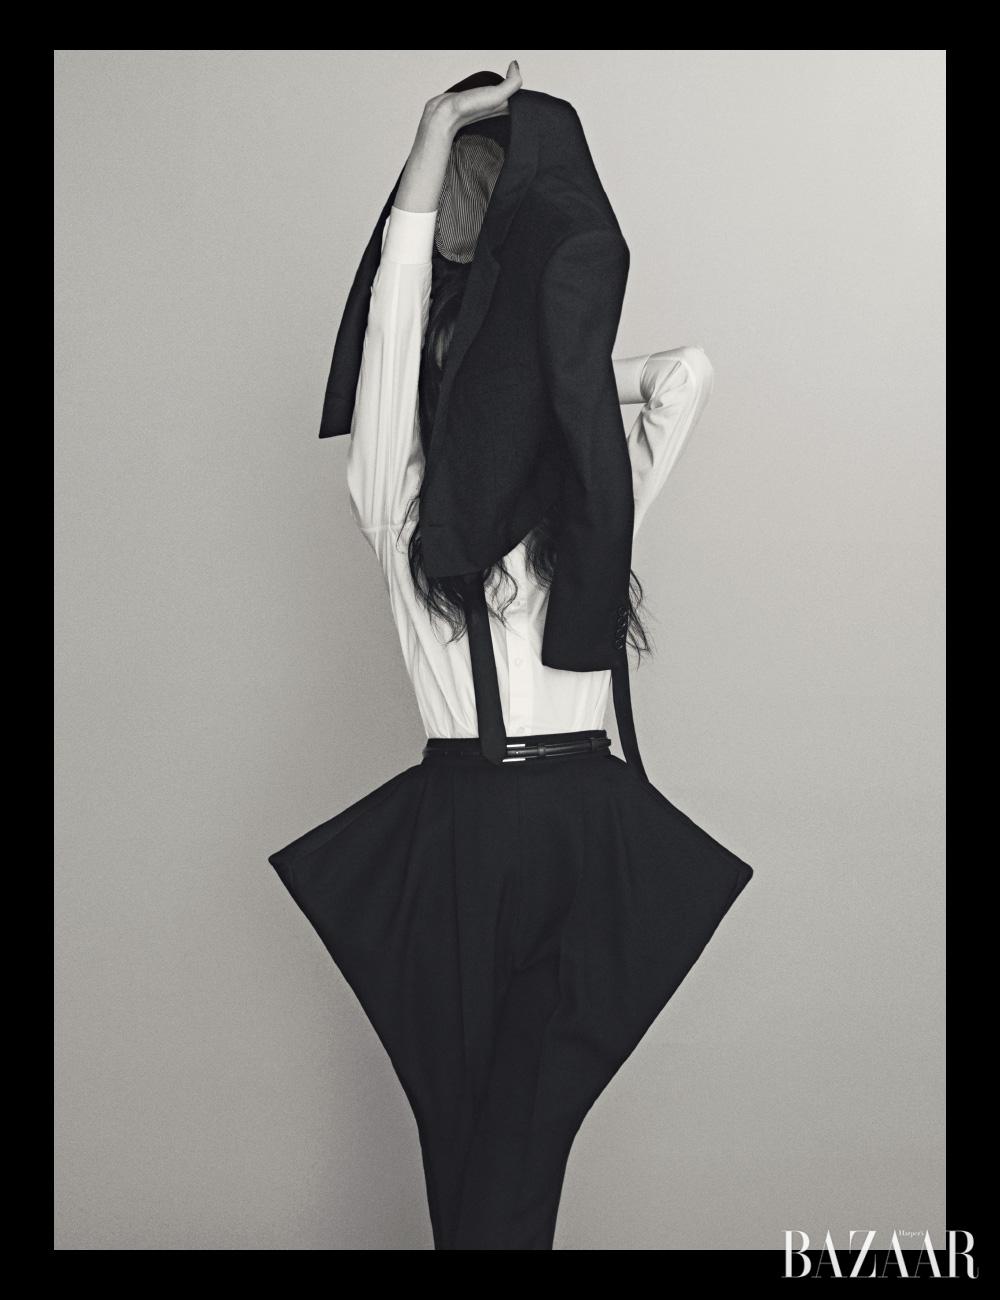 손에 든 크롭트 재킷, 셔츠, 팬츠, 벨트는 모두 Celine by Hedi Slimane, 넥타이는 Dior.